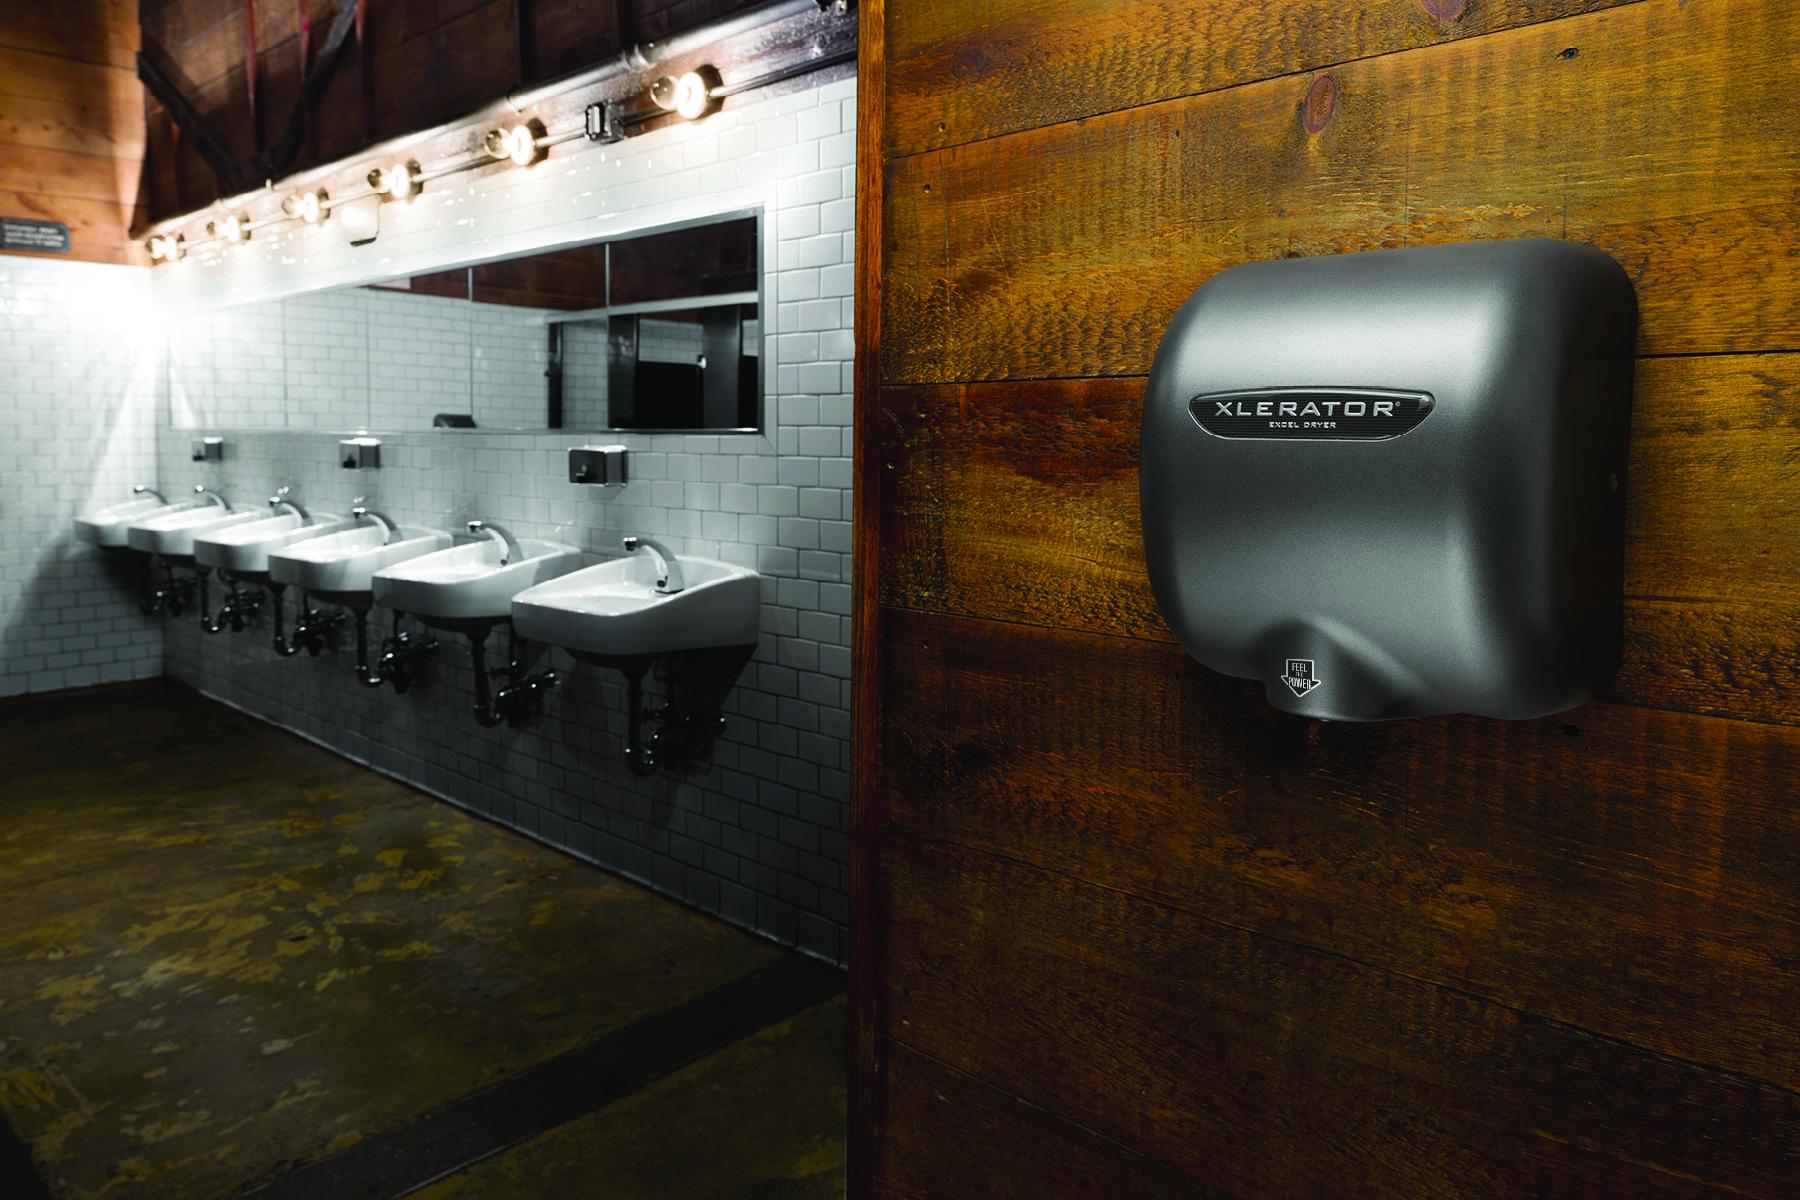 hand dryer in restroom